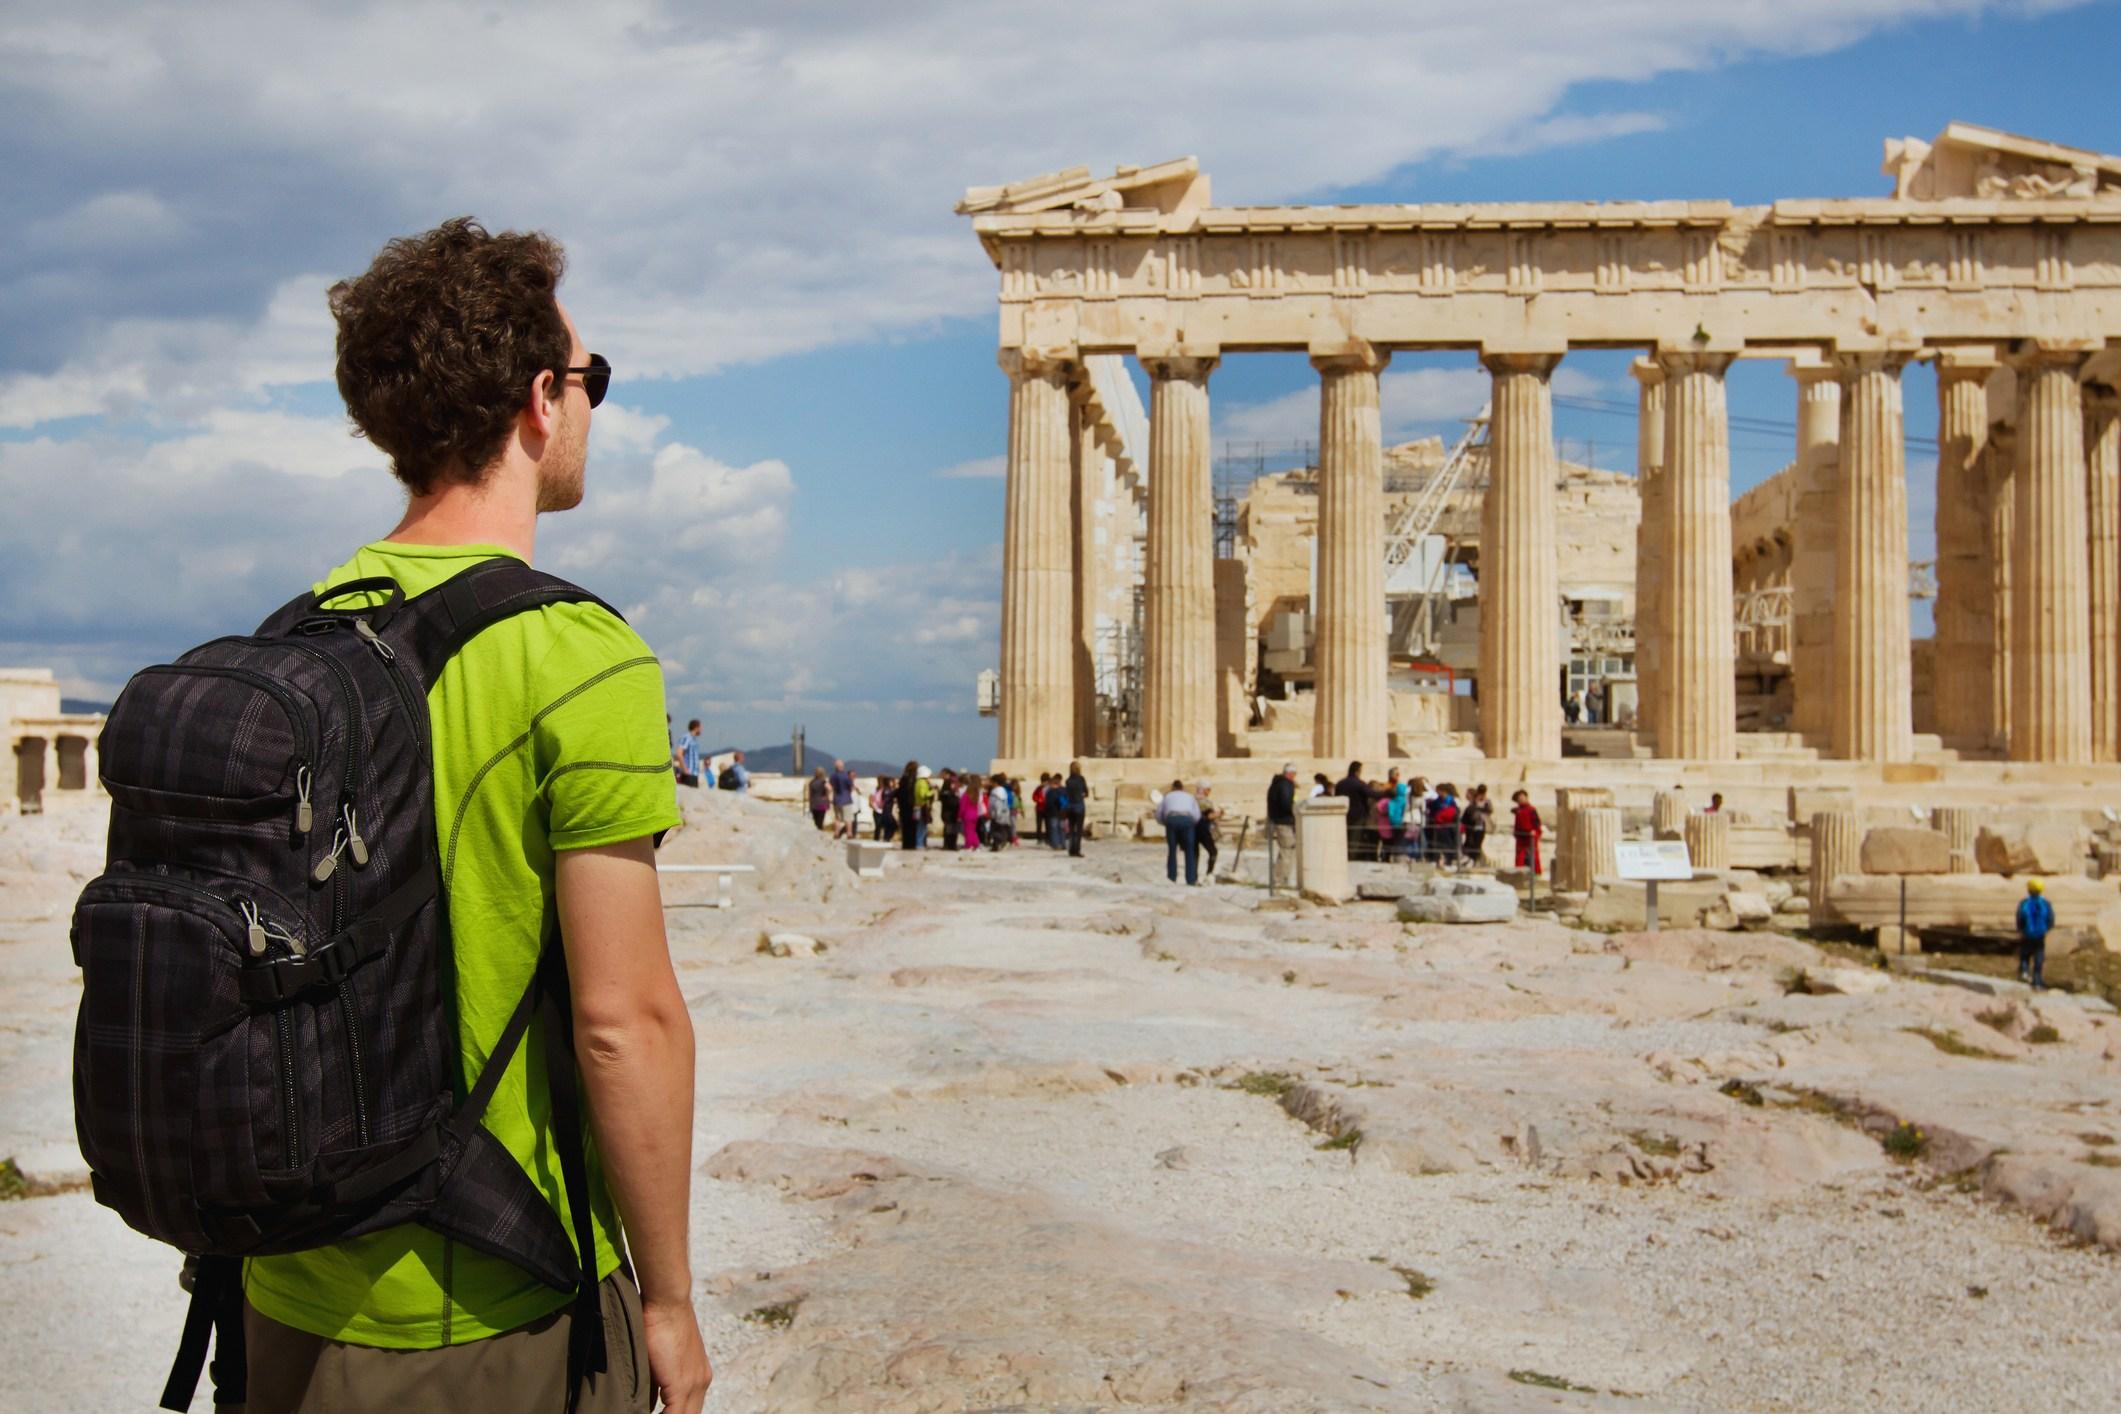 Tourist at the Parthenon